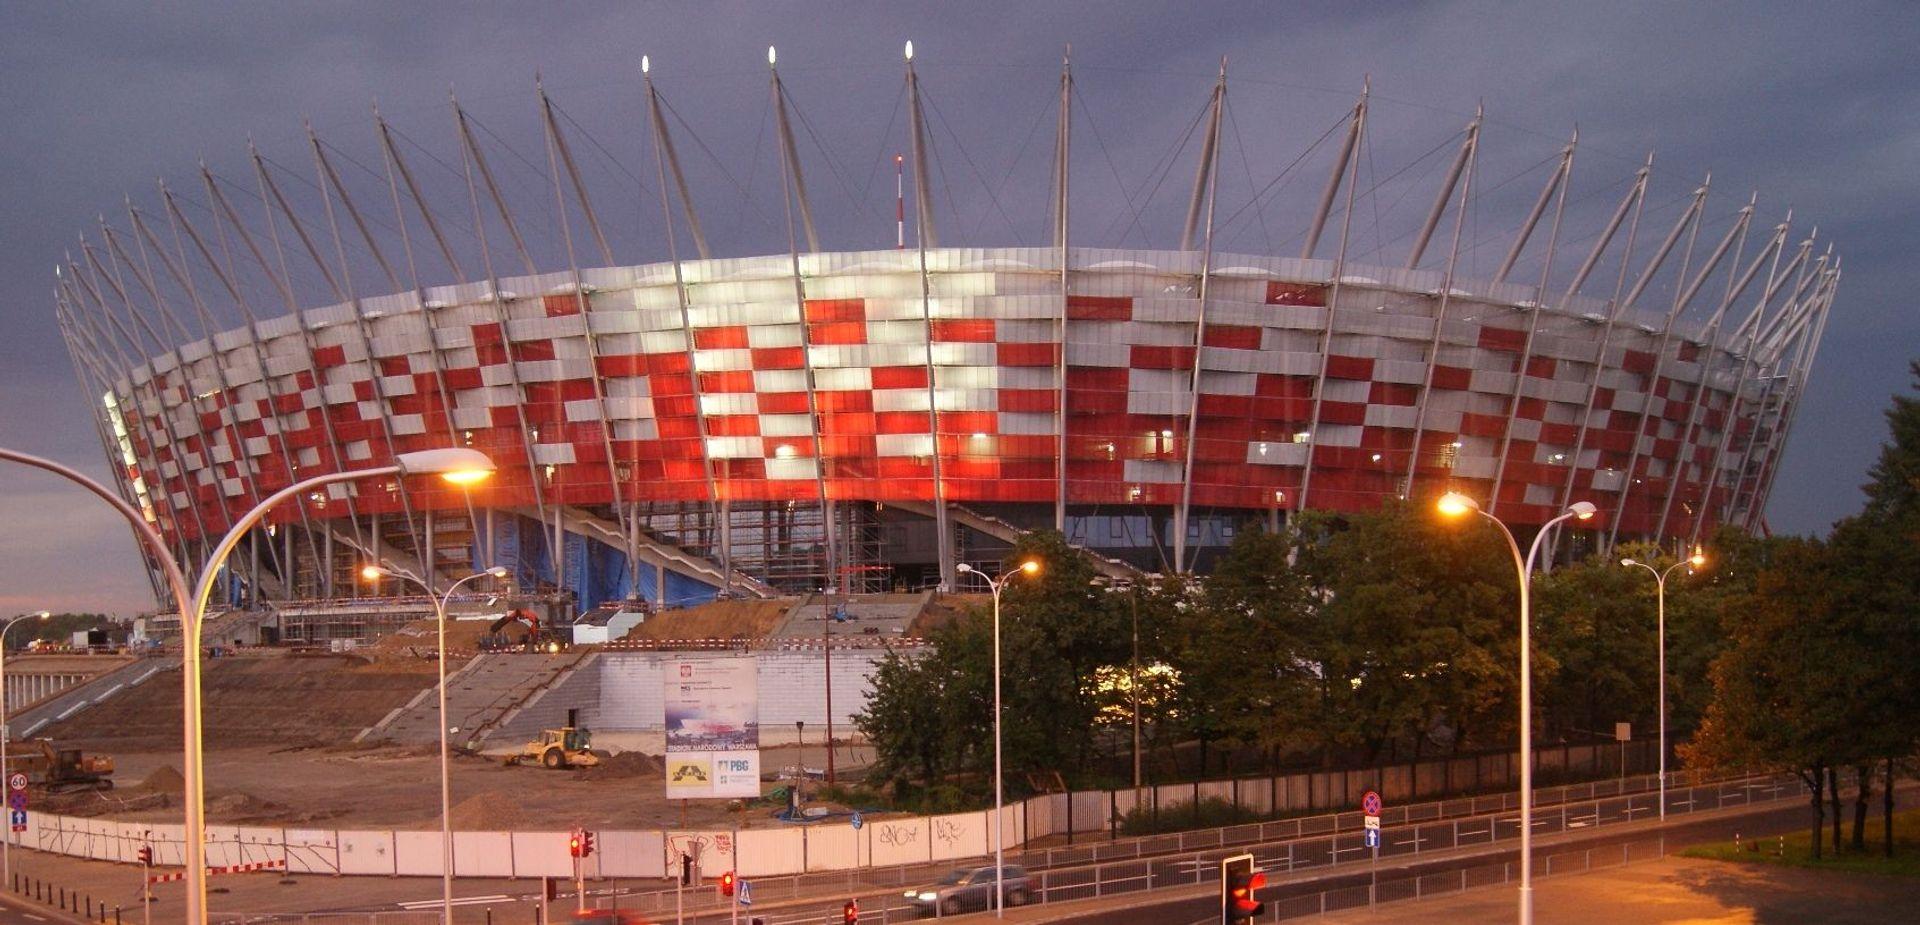 Jak zarobić na mistrzostwach Europy w piłce nożnej 2012?